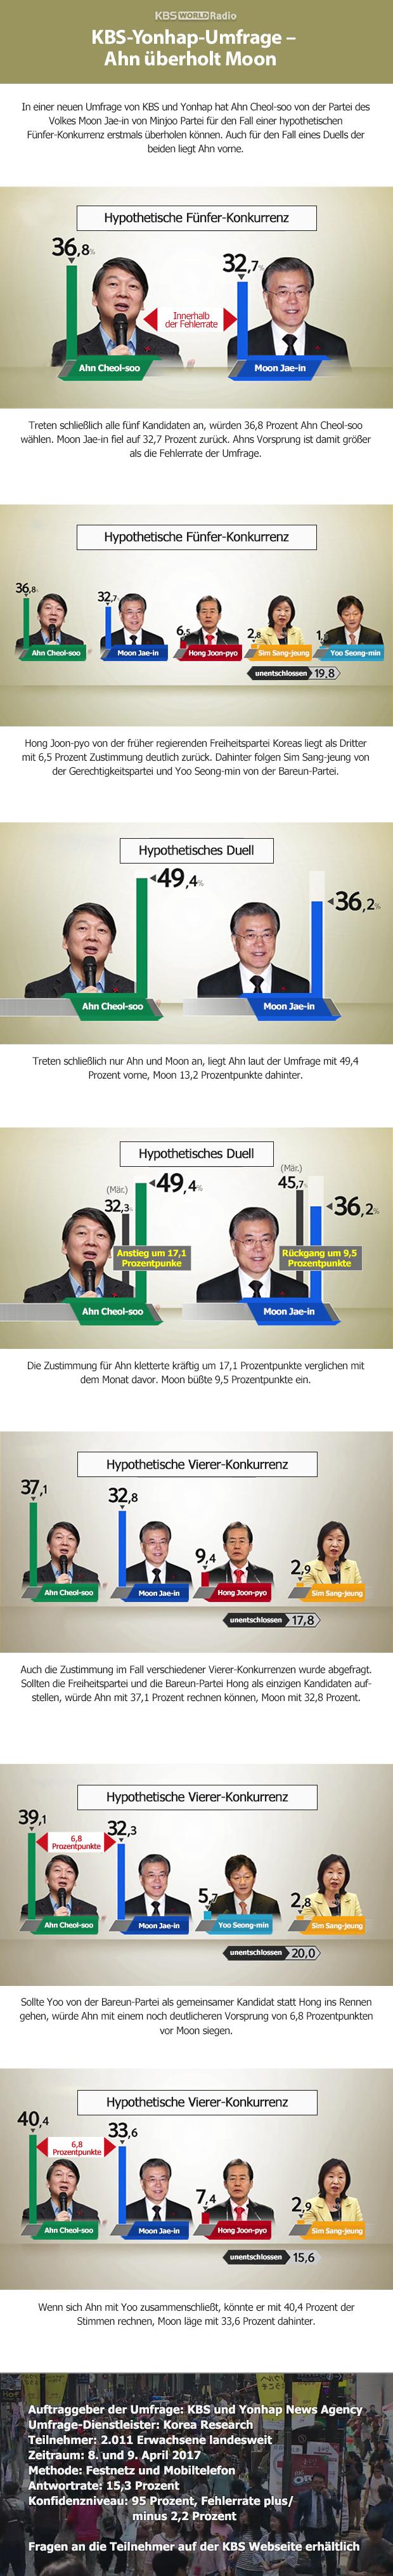 KBS-Yonhap-Umfrage